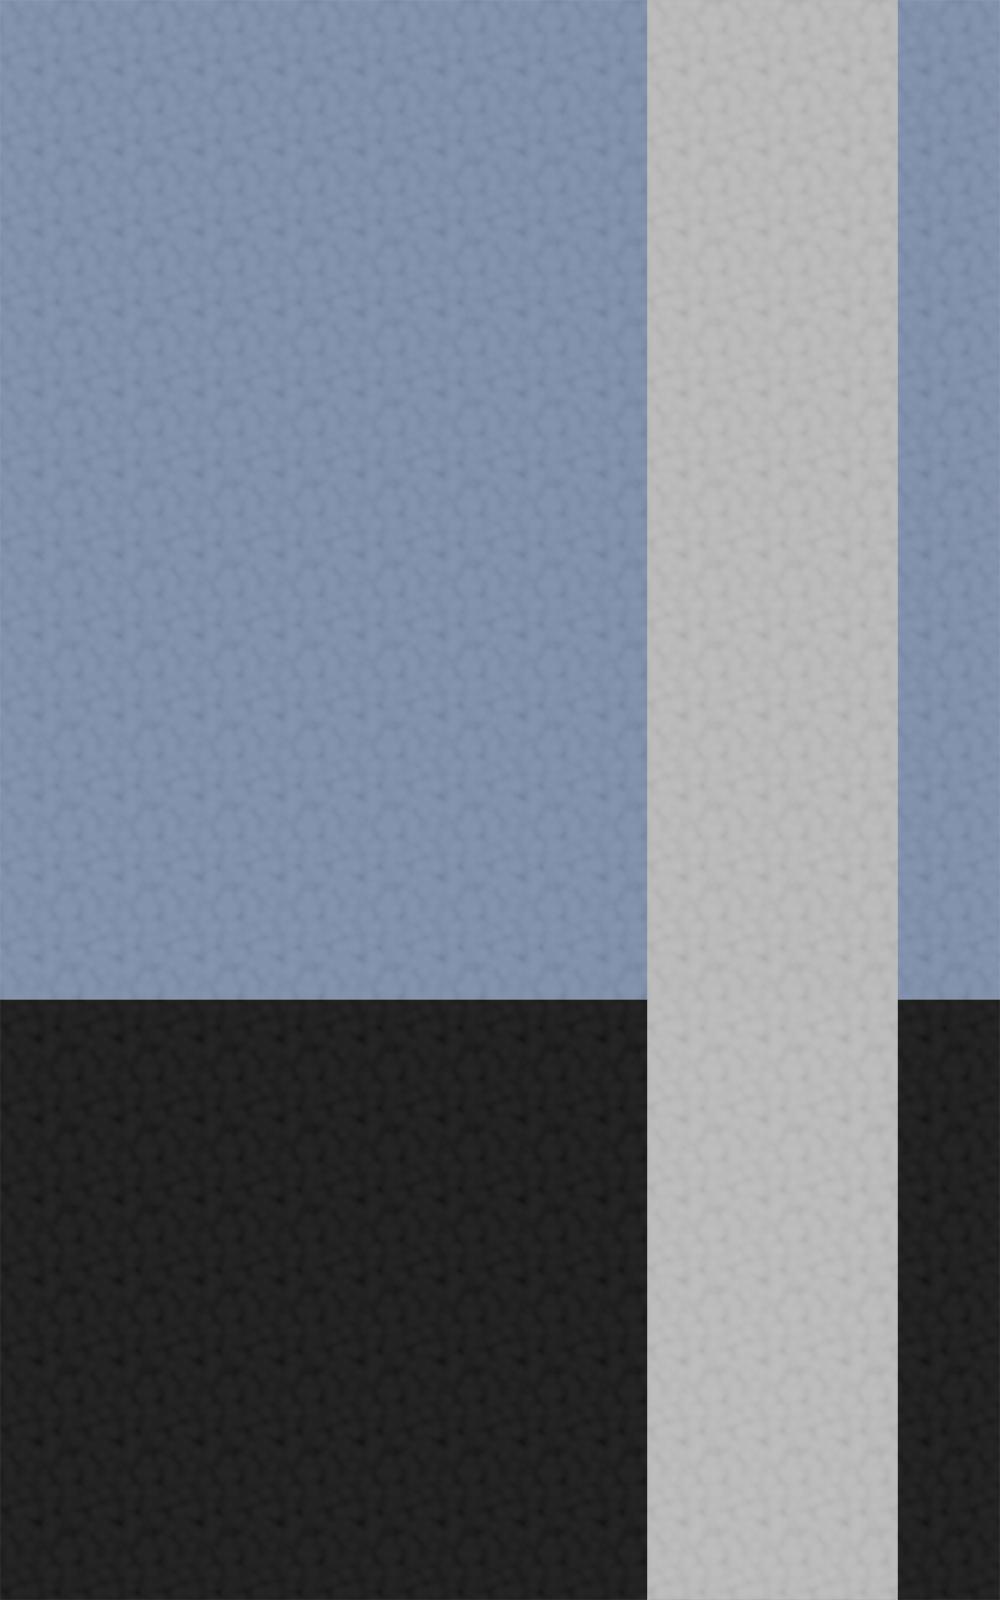 和紙風の表紙画像(2-j)